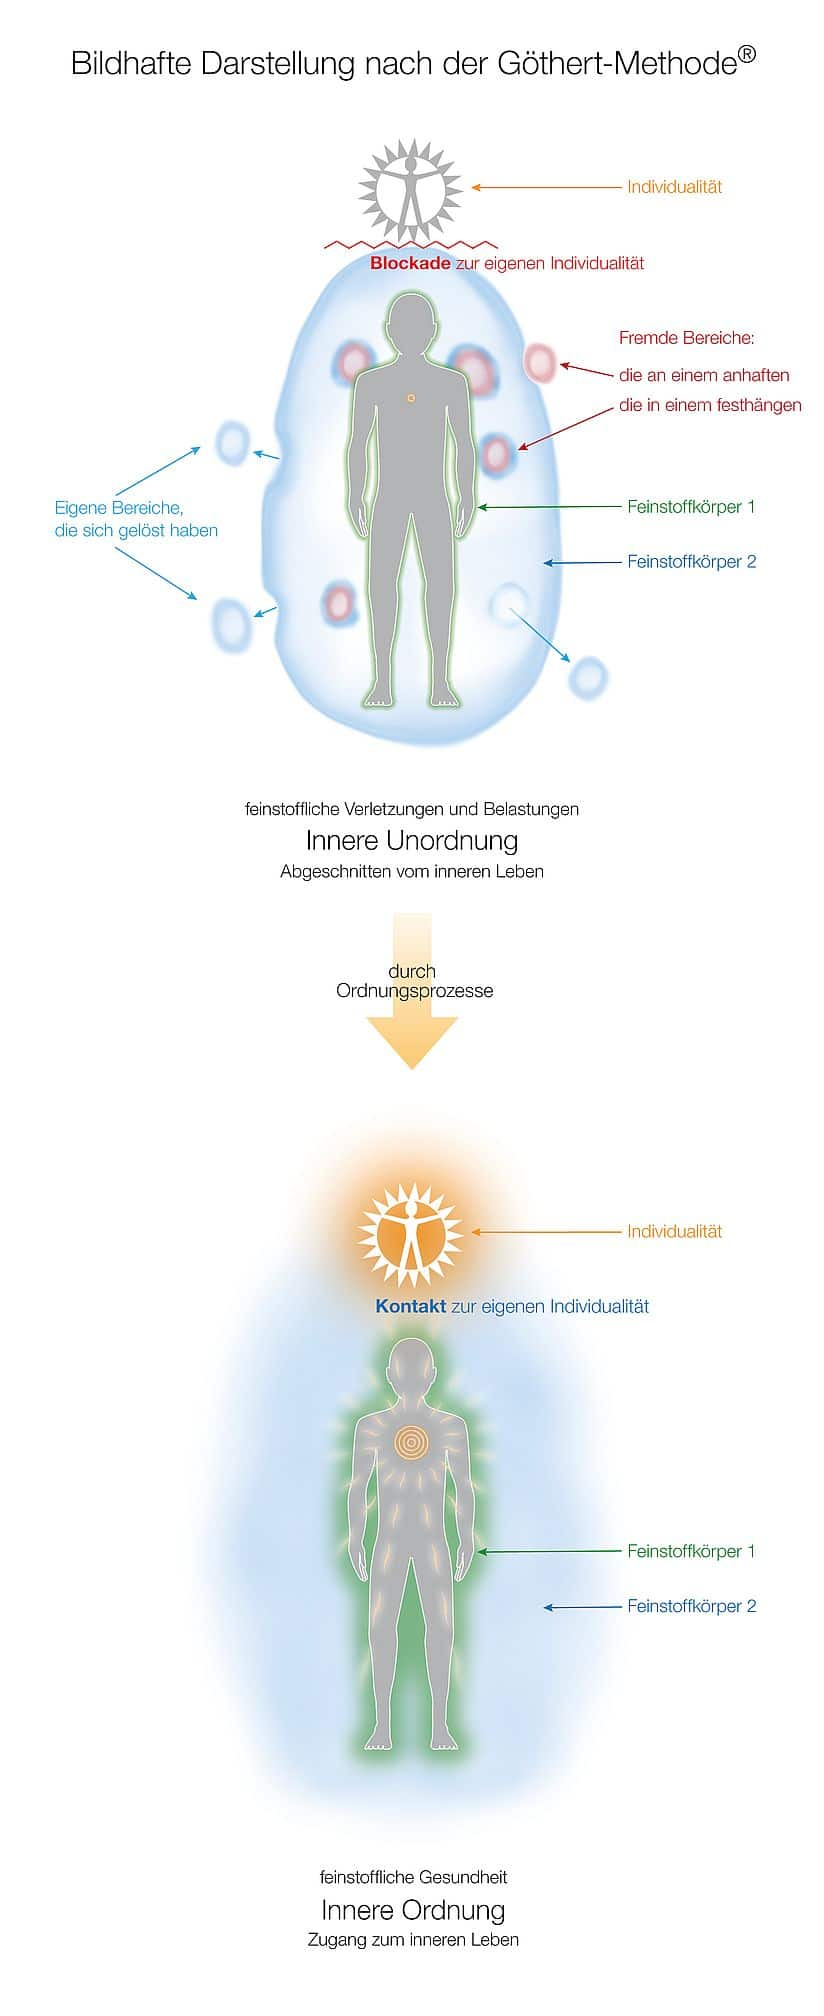 2. Was passiert in den Feinstoffkörpern, wenn sich die innere Unordnung durch Ordnungsprozesse in innere Ordnung verwandelt?